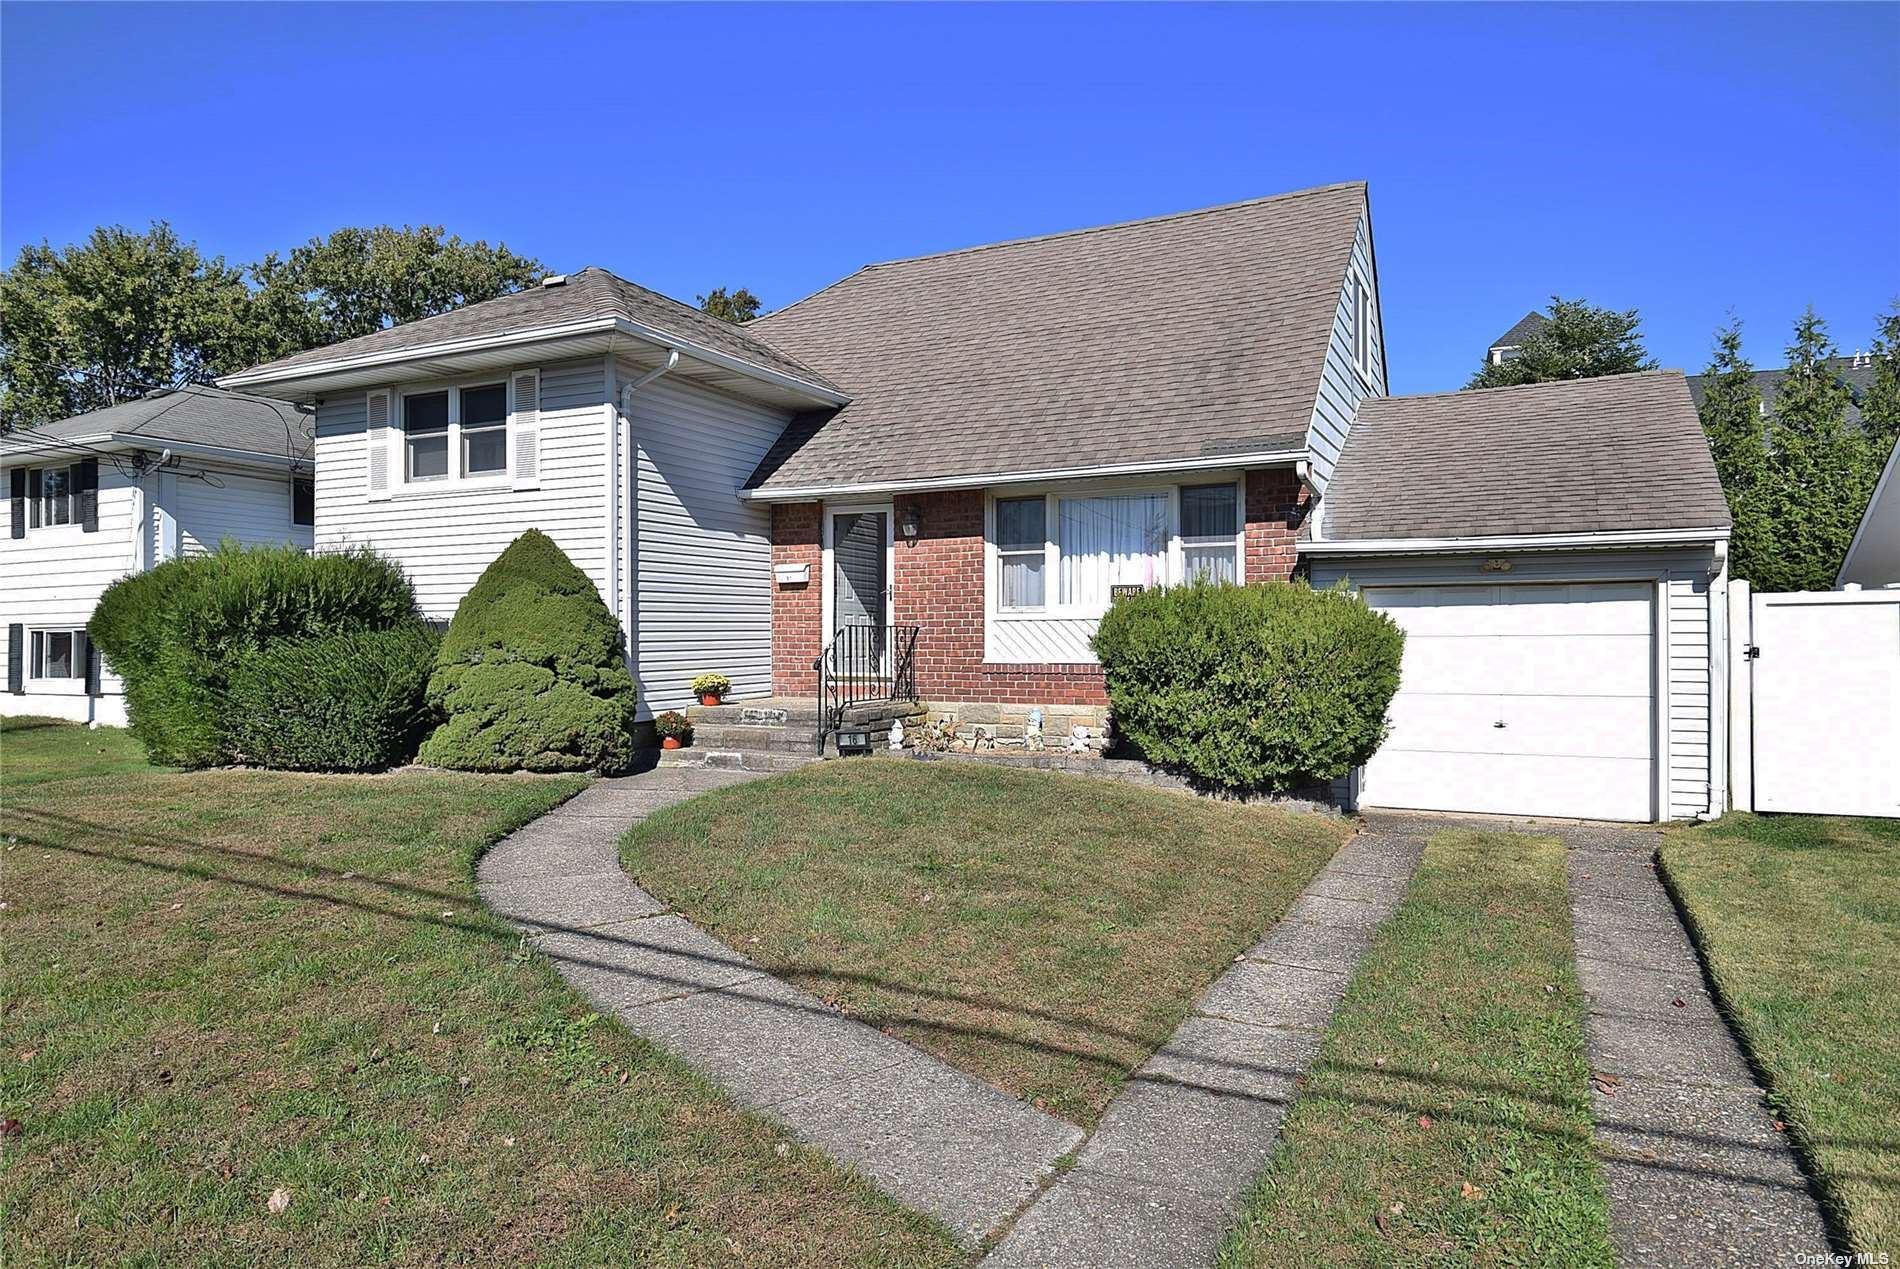 16 Manor Lane, Copiague, NY 11726 - MLS#: 3353417